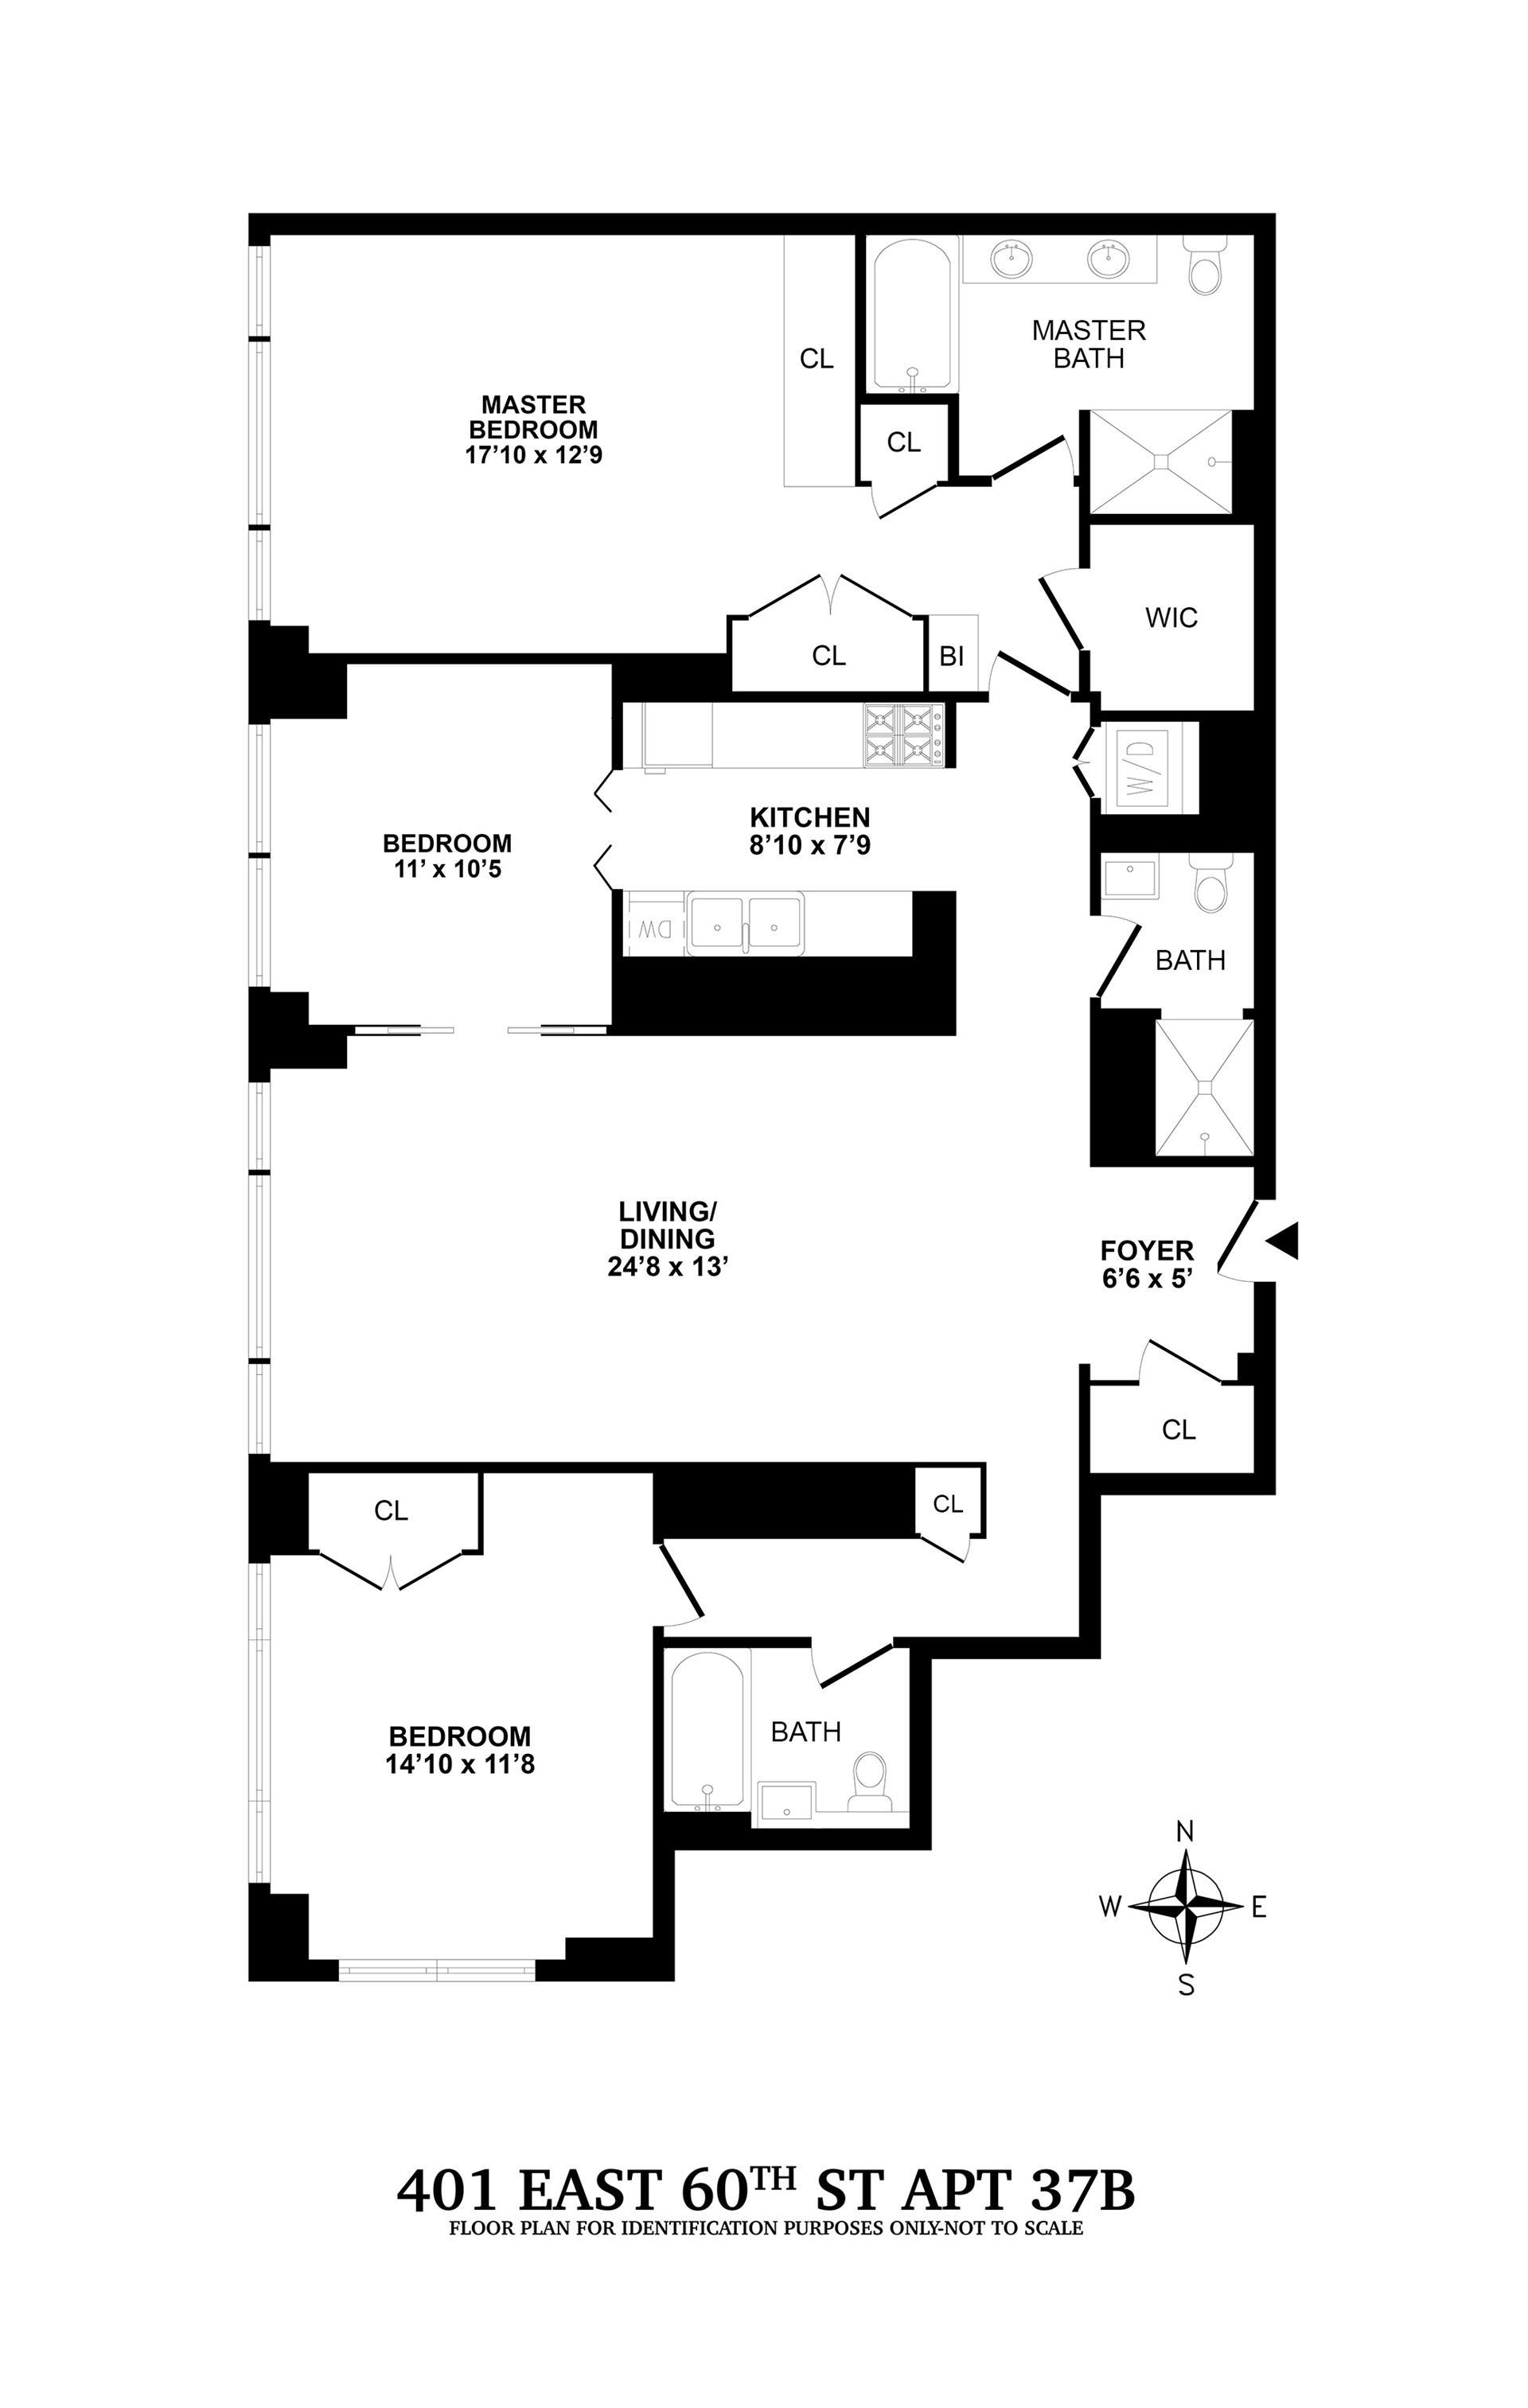 Floor plan of 401 East 60th St, 37B - Upper East Side, New York